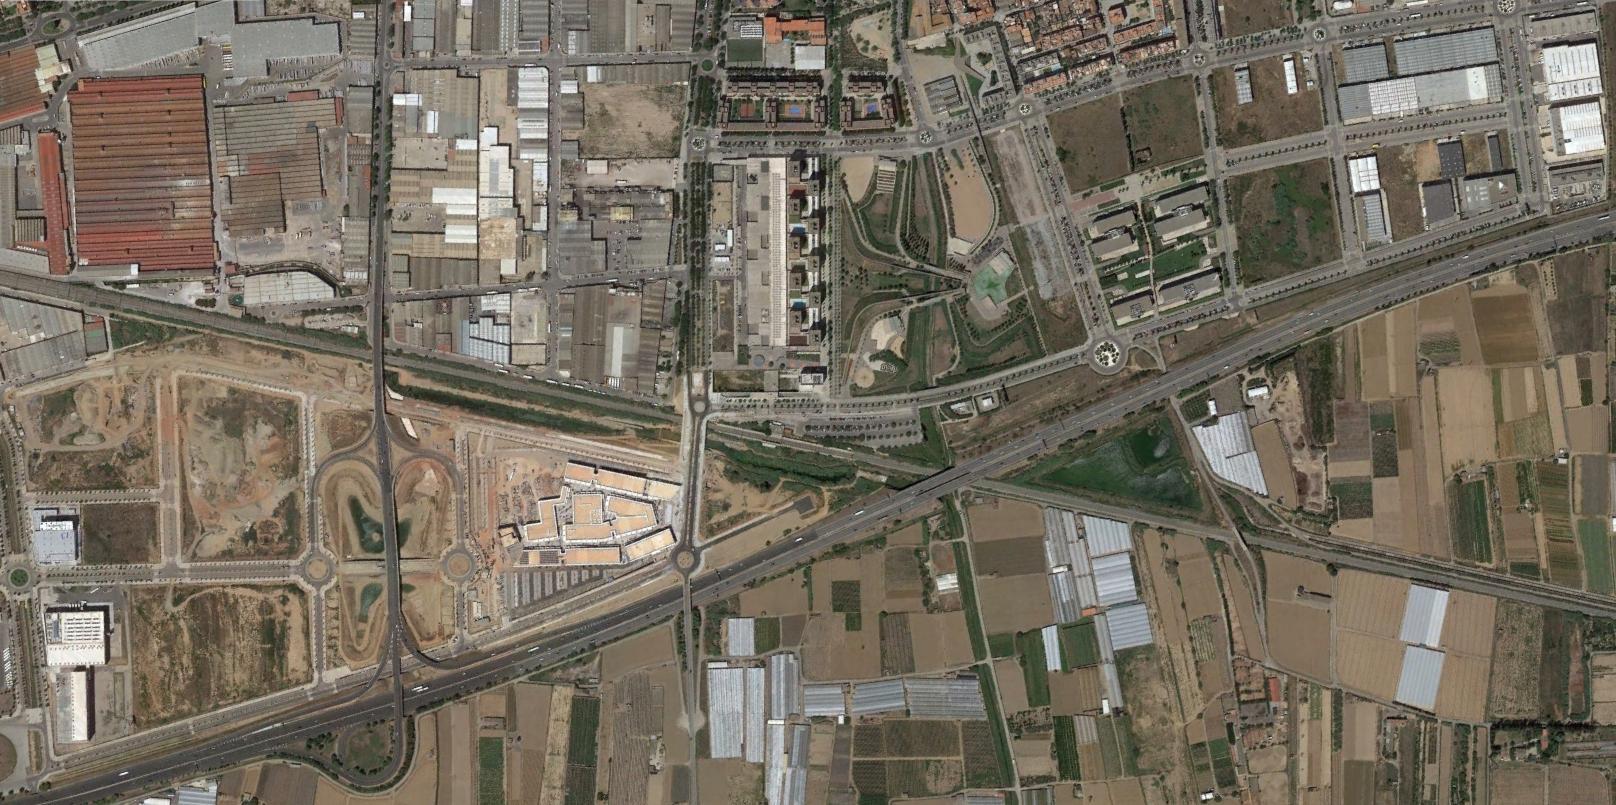 torrequemada, cáceres, inquissidor, después, urbanismo, planeamiento, urbano, desastre, urbanístico, construcción, rotondas, carretera